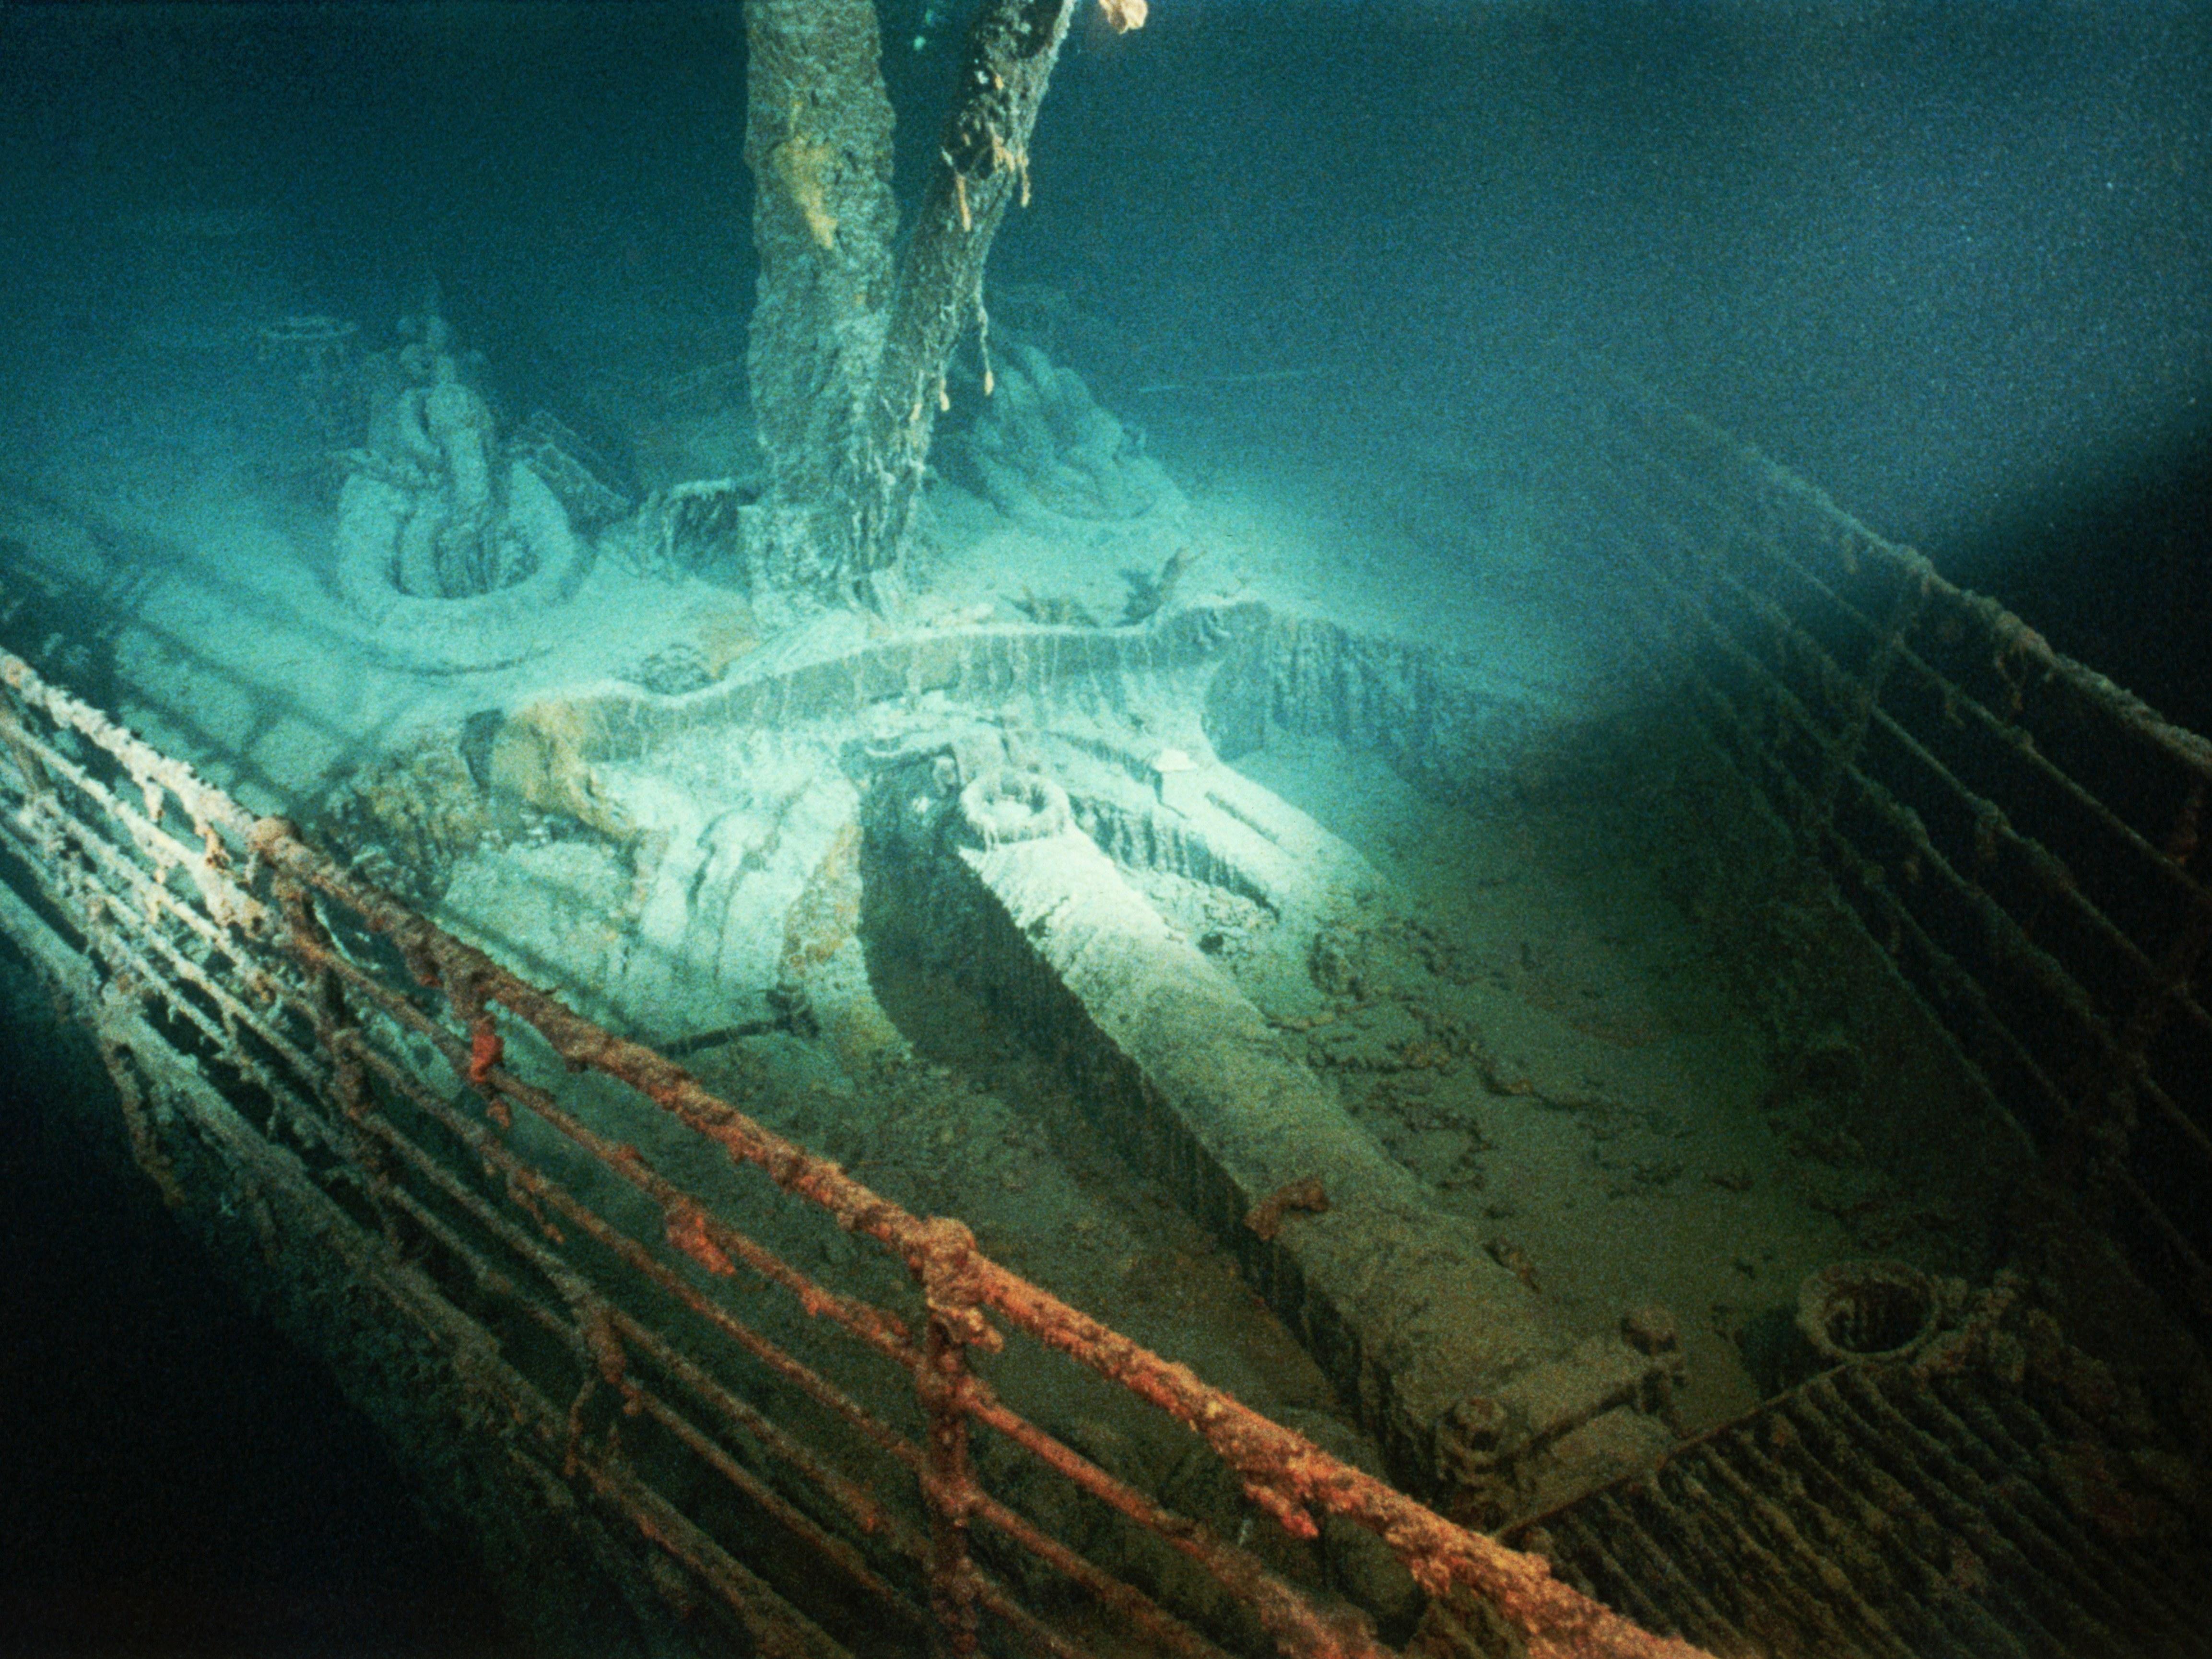 картинка как выглядит титаник под водой задача при подборе